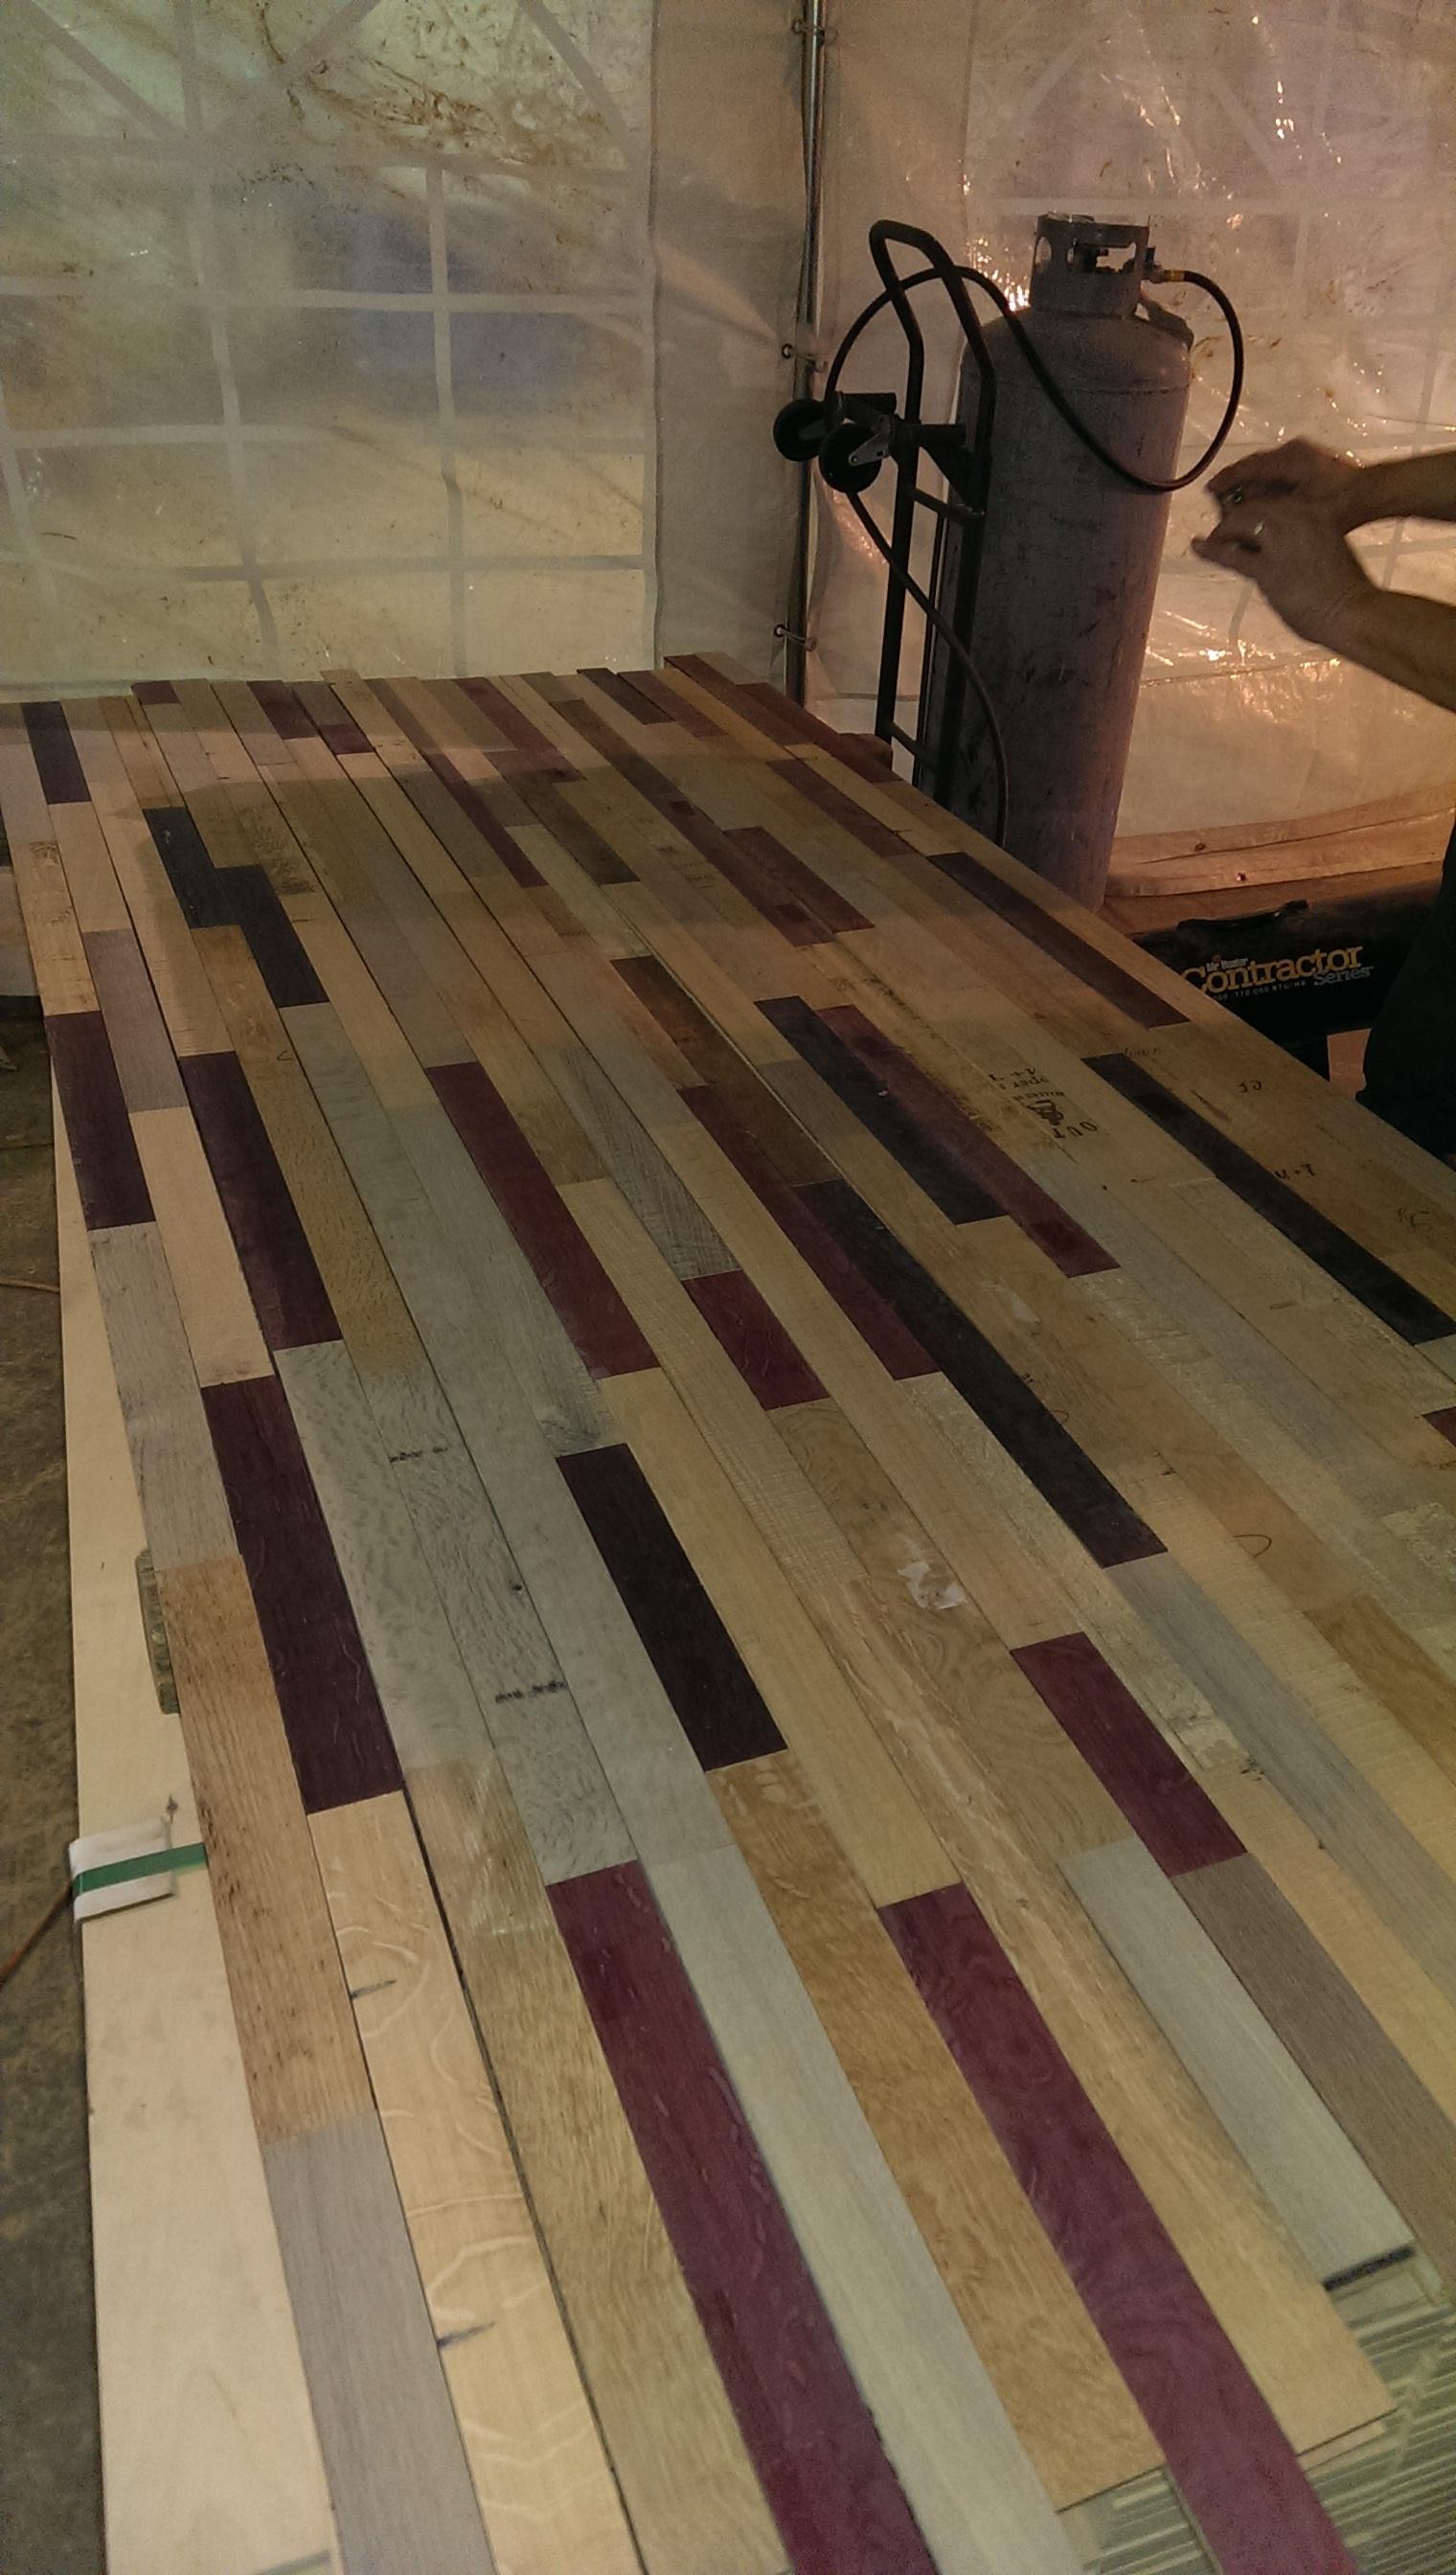 Robert Mondavi Barrel's Create Oak Floors